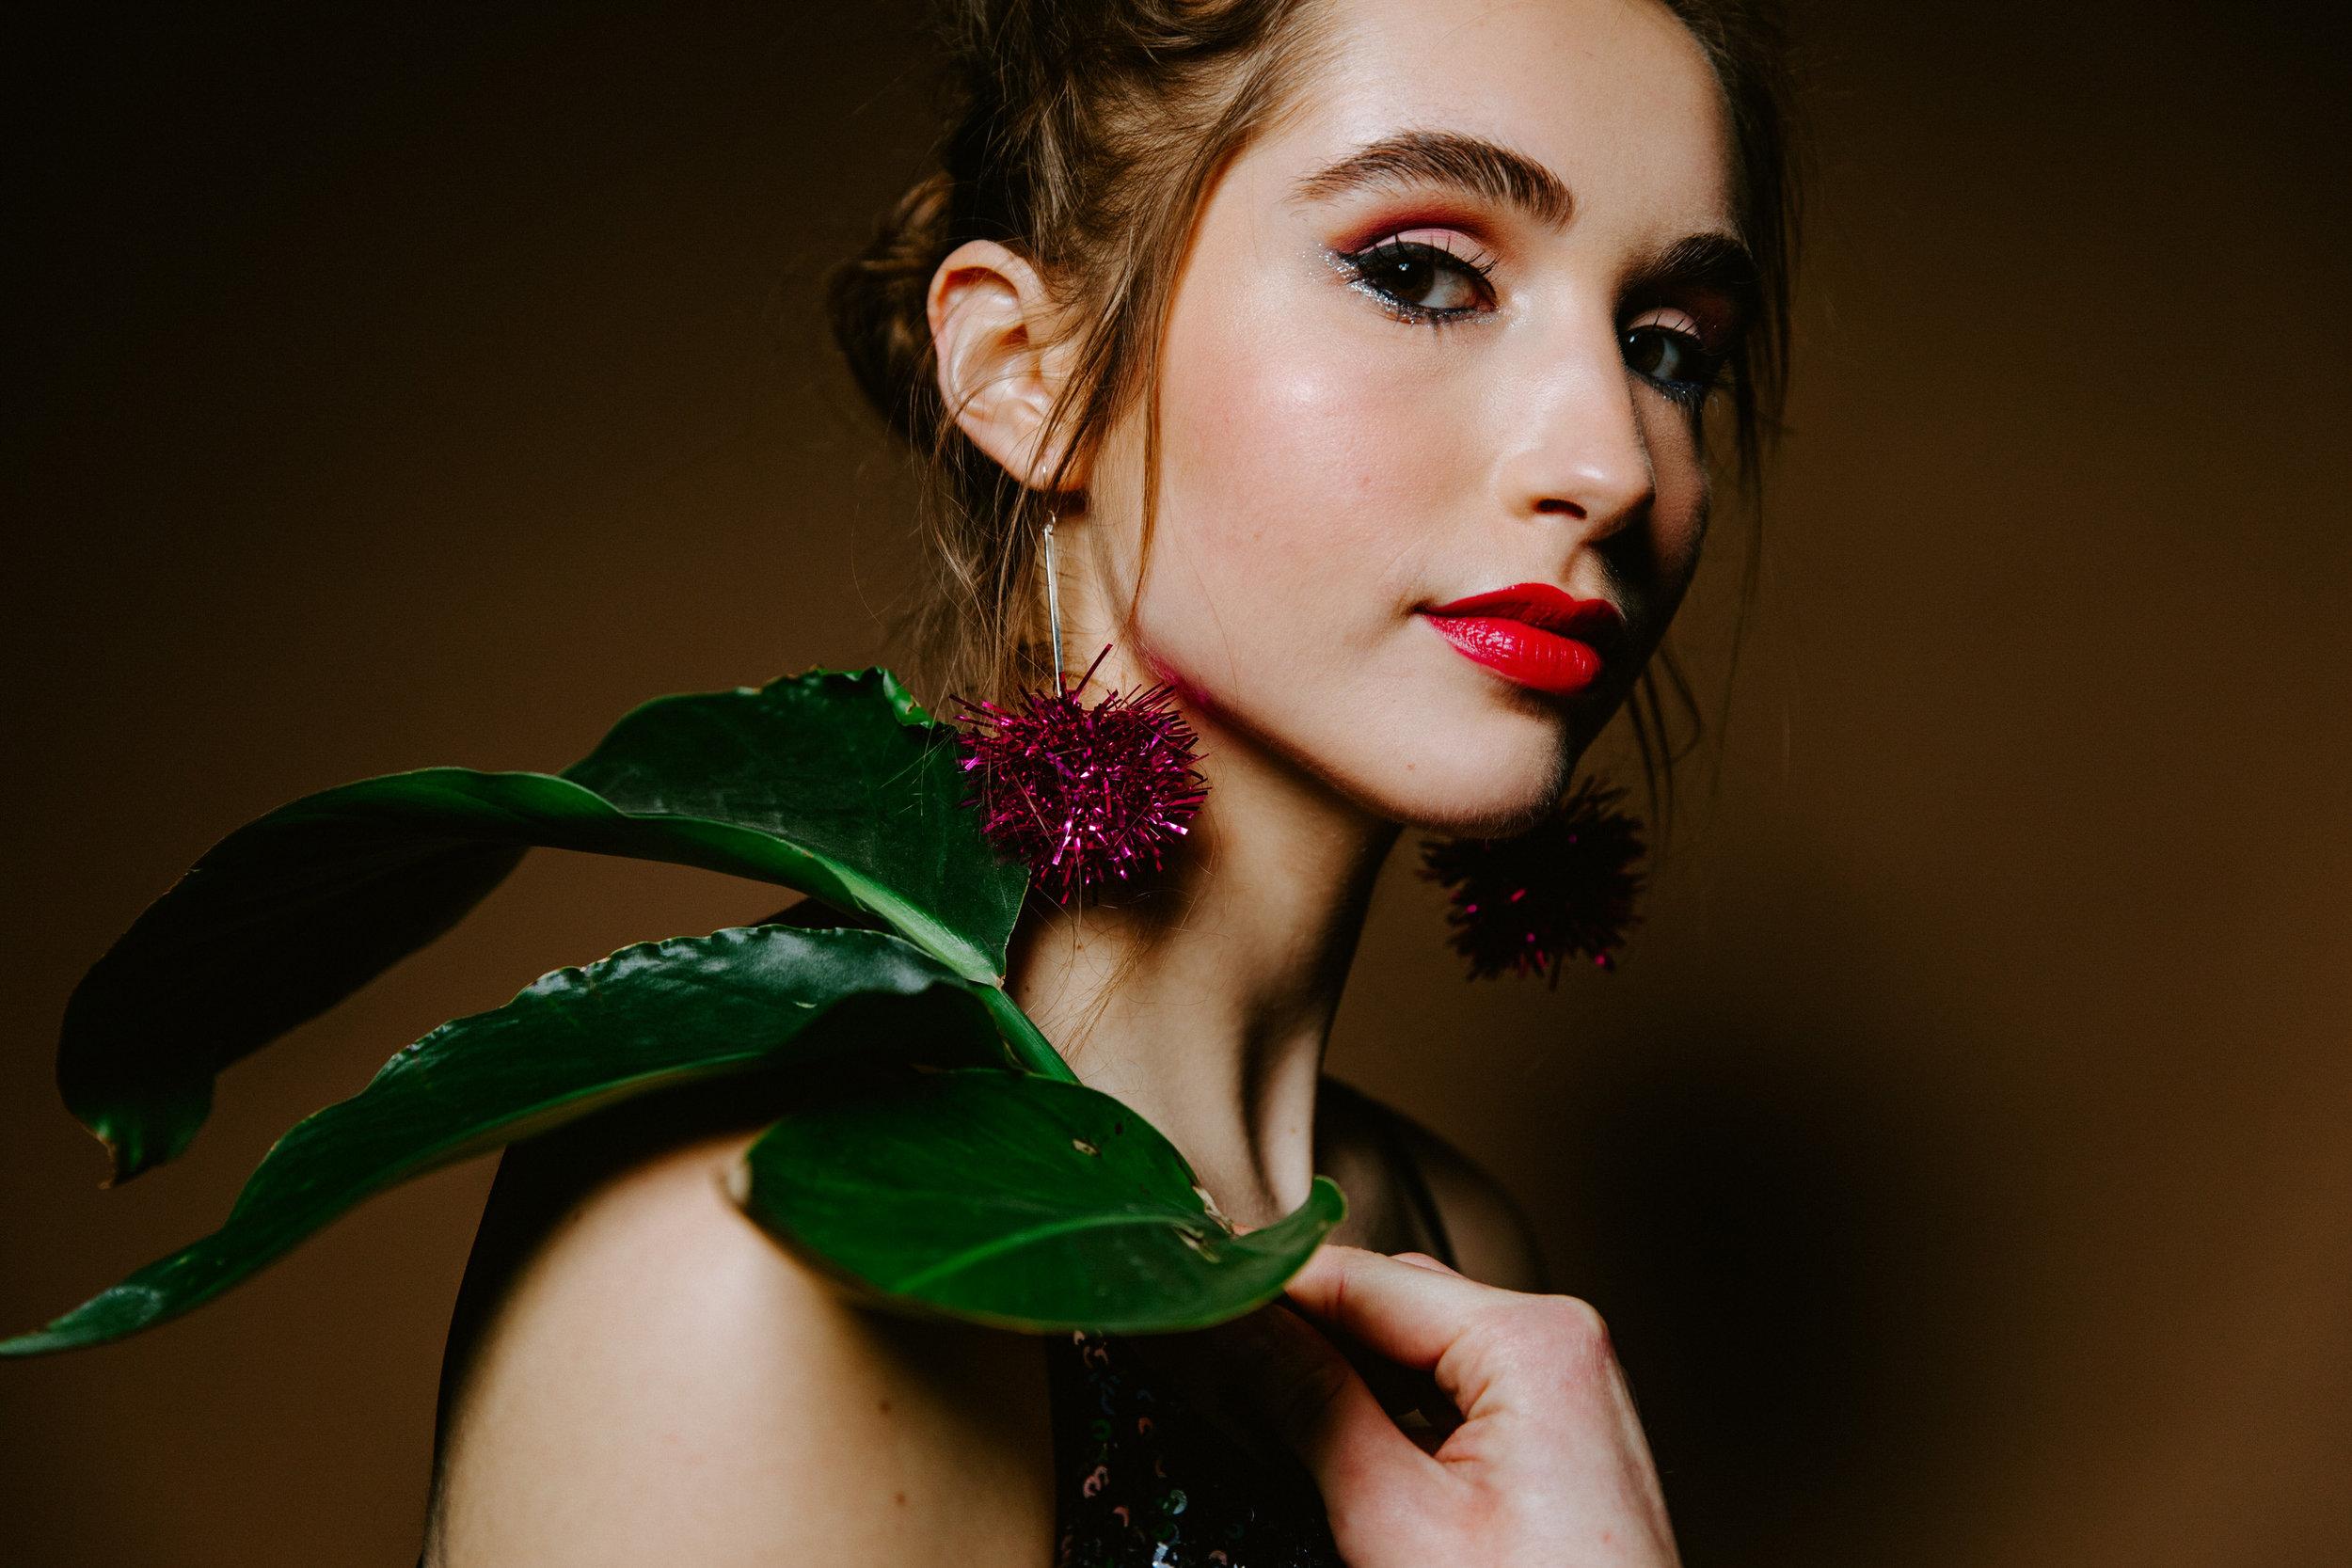 rebekah-earrings-8987.jpg